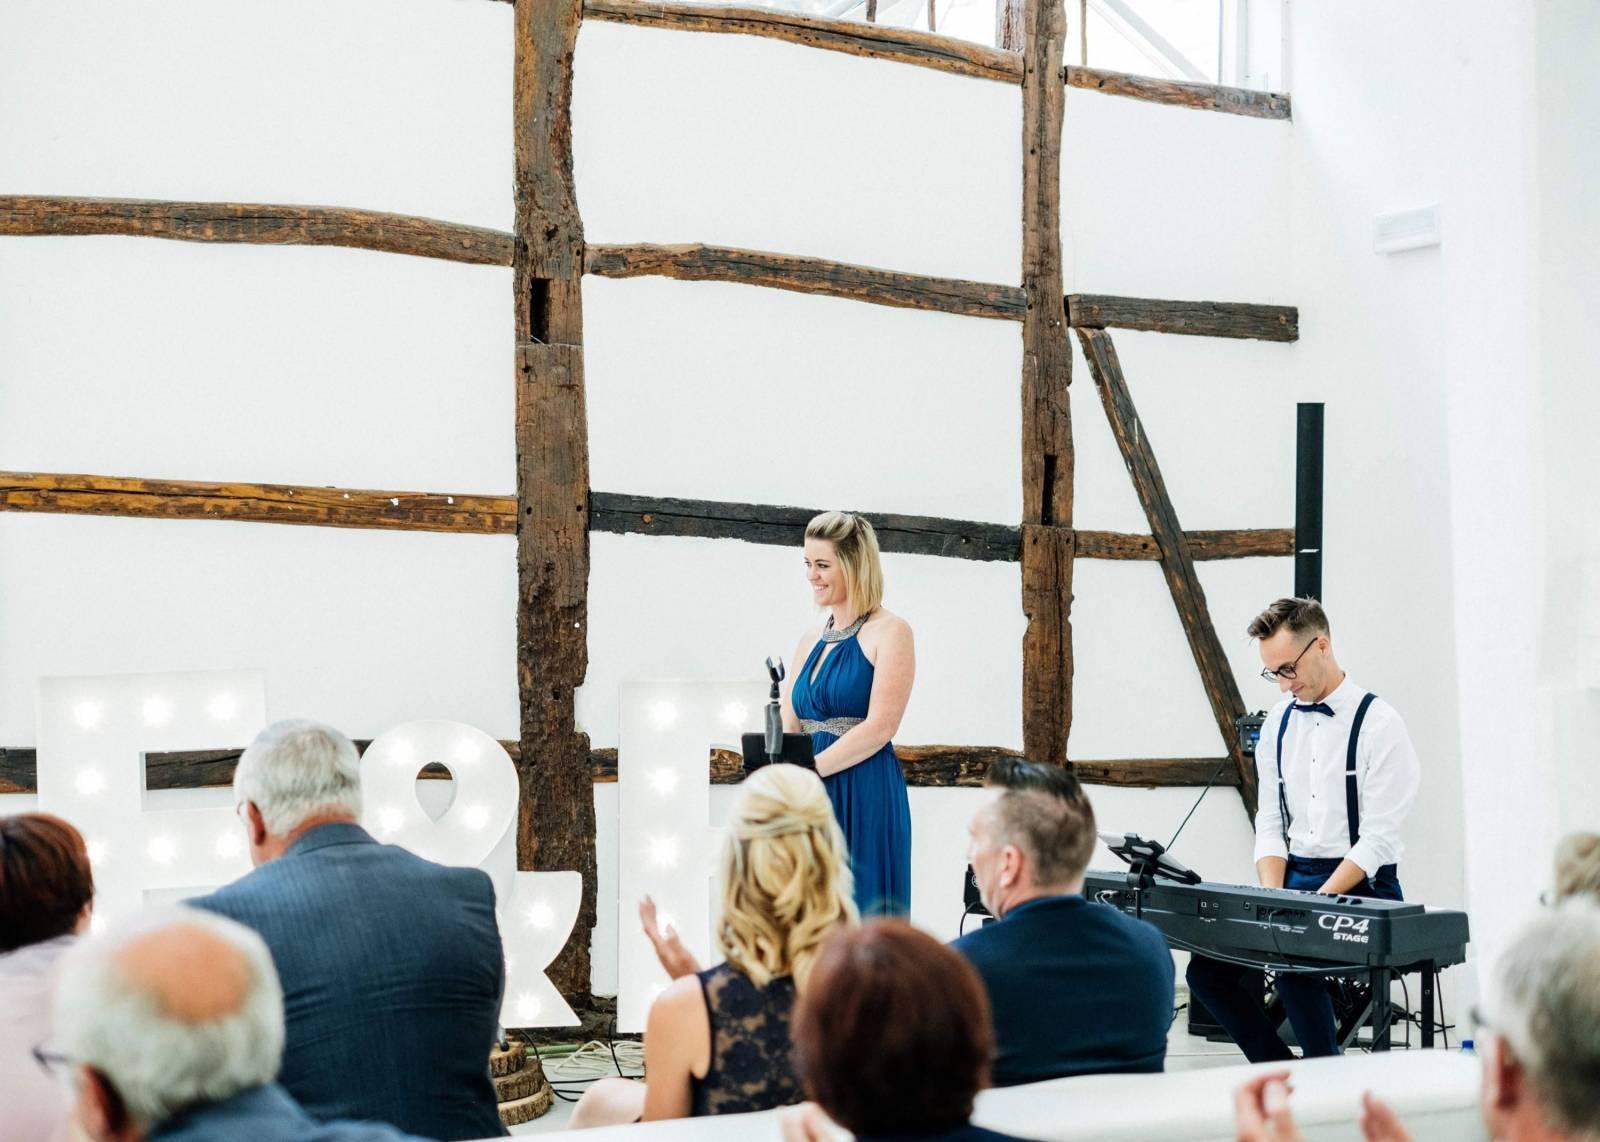 Zina - Ceremoniemuziek - Live muziek - Zangeres - Huwelijk - Trouw - Bruiloft - House of Weddings - 15